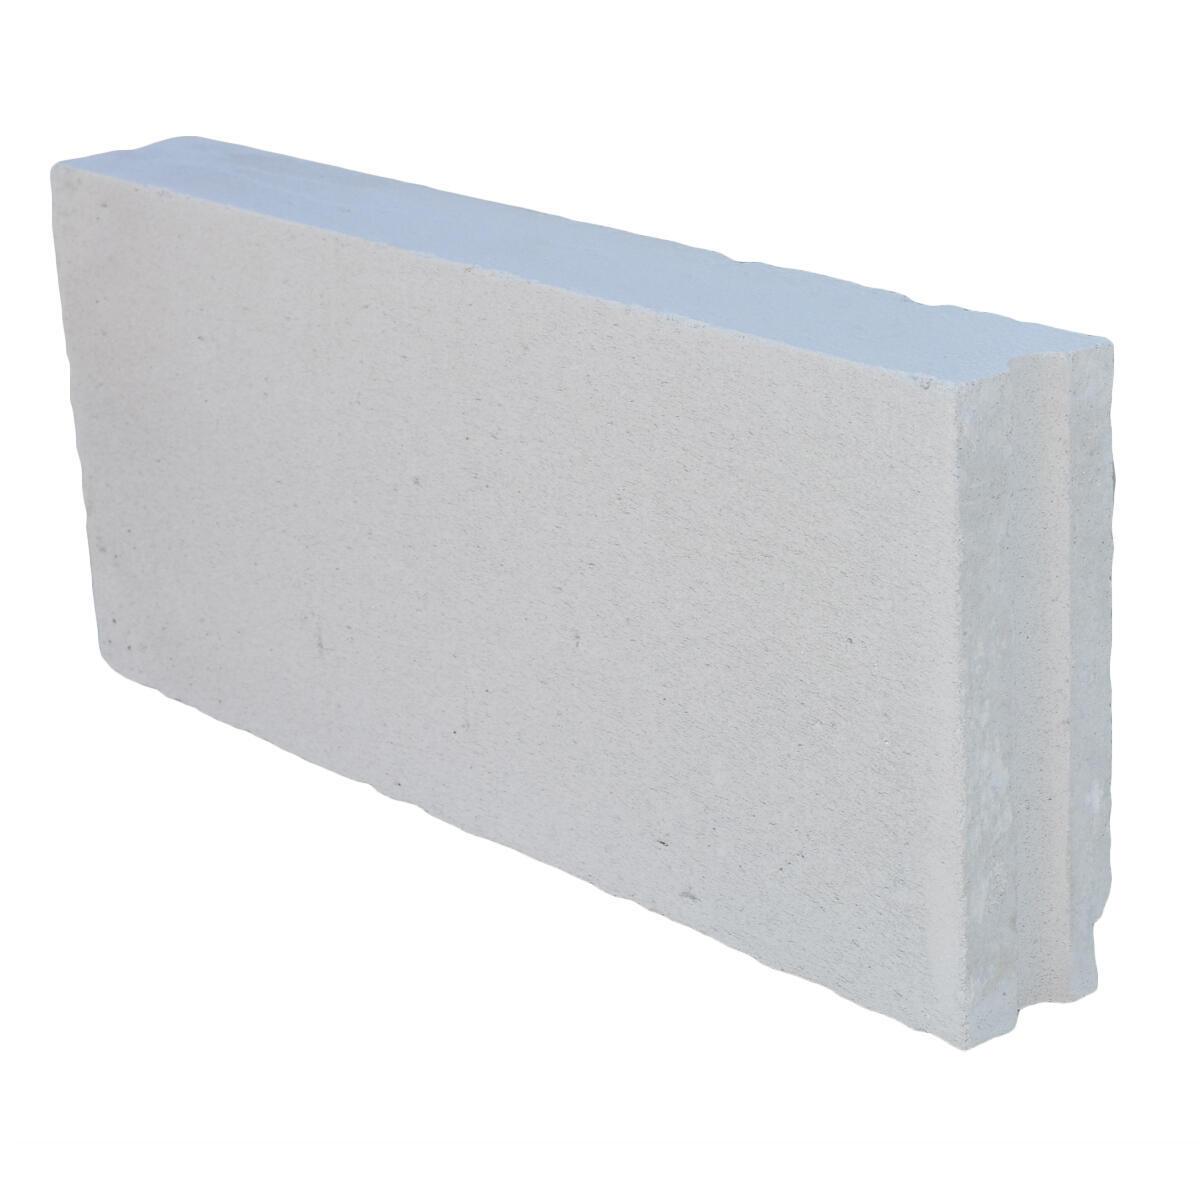 Blocco in calcestruzzo cellulare 62.5 cm, Sp 5 cm, bianco